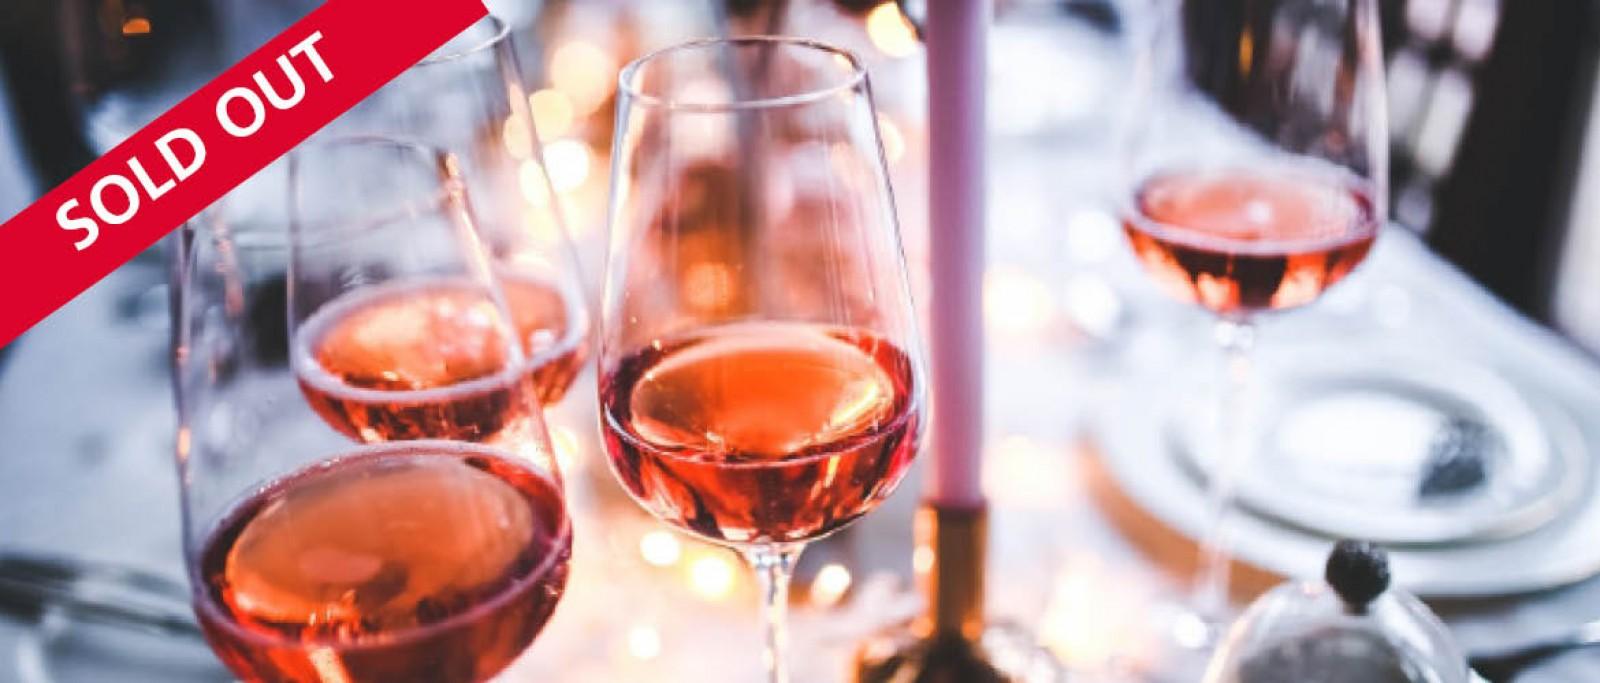 Taste and Toast : Tour de Rosé